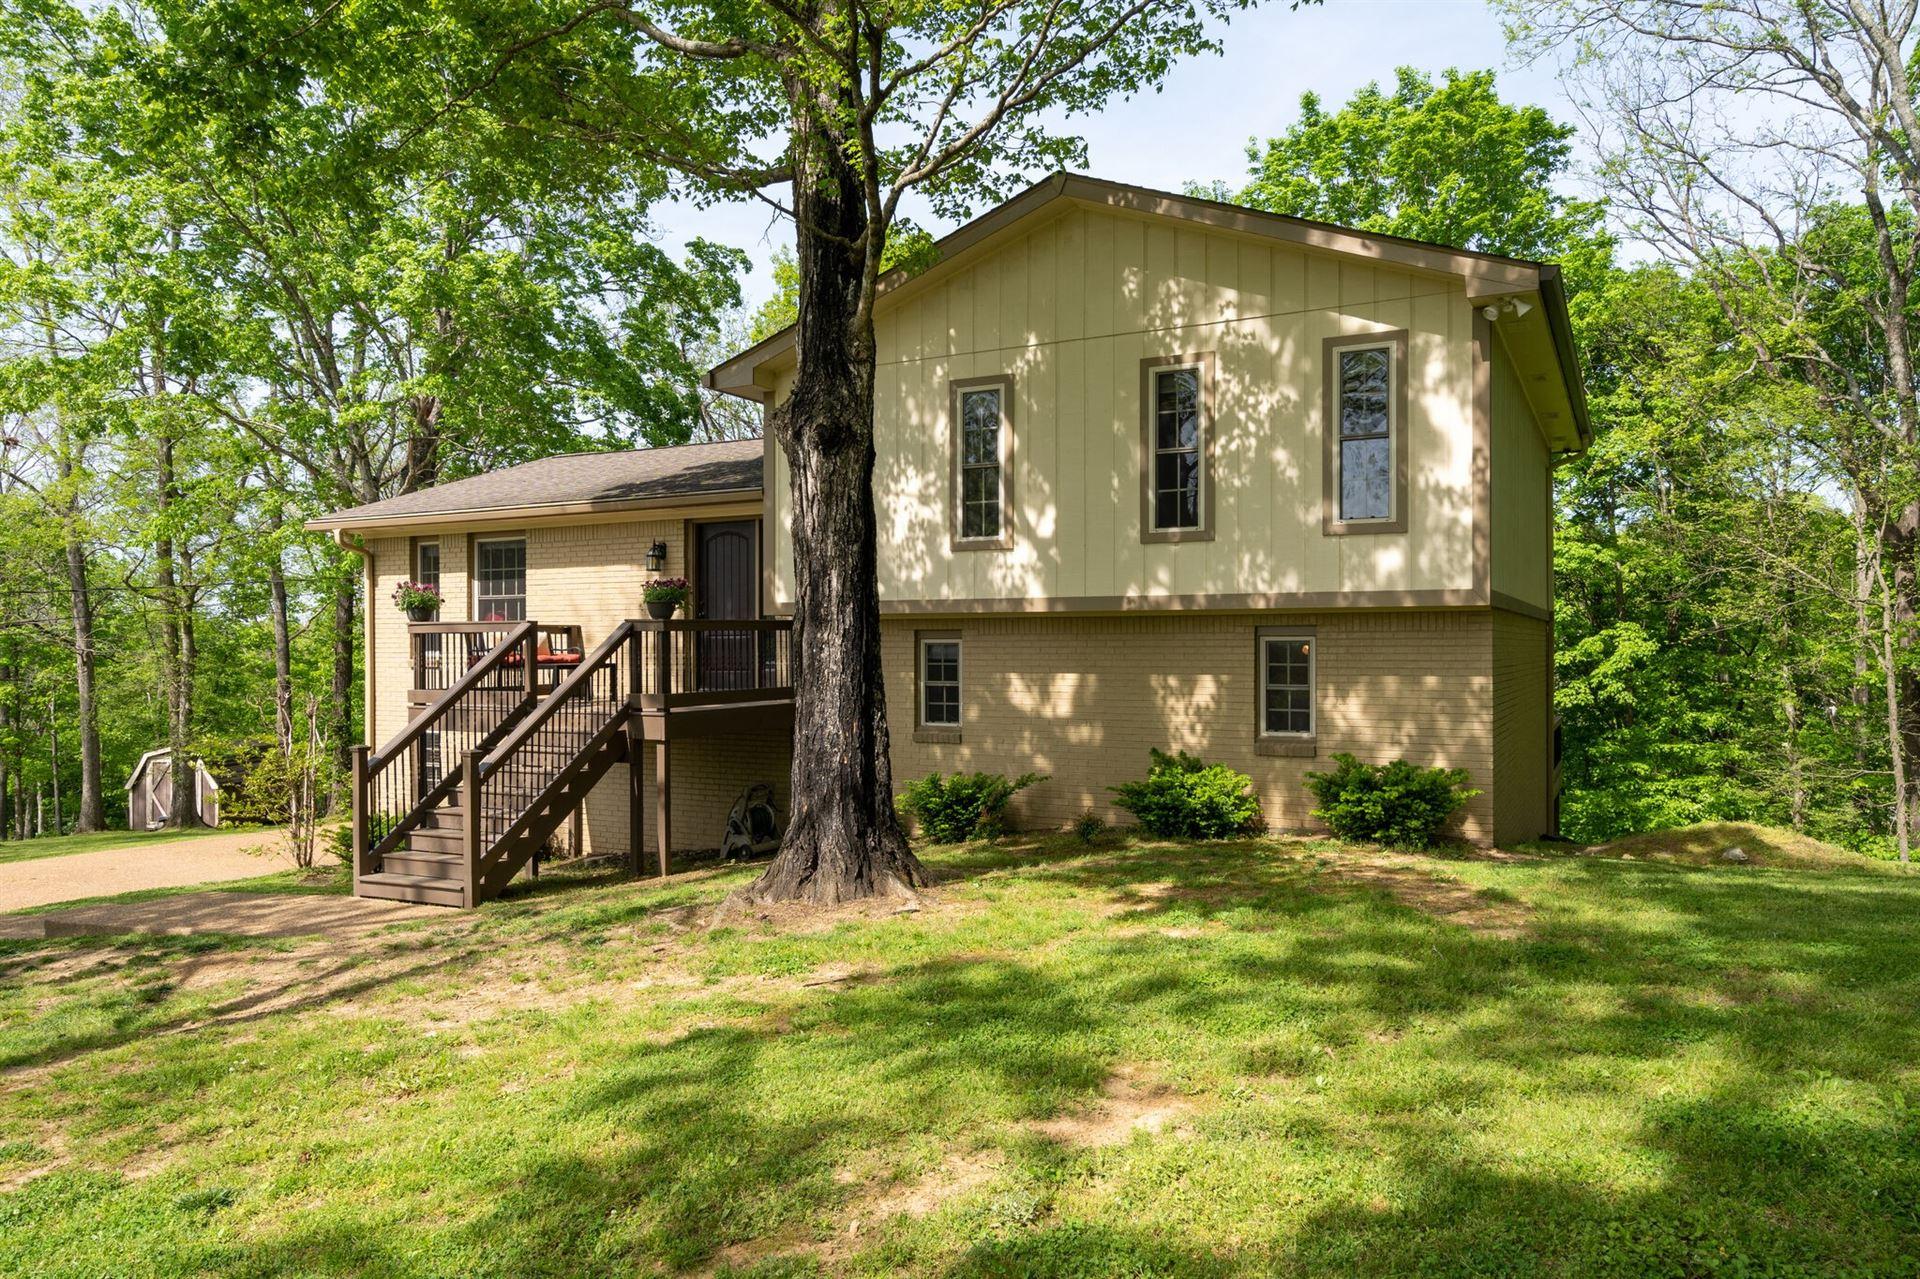 152 Ridgewood Ln, Brentwood, TN 37027 - MLS#: 2249166